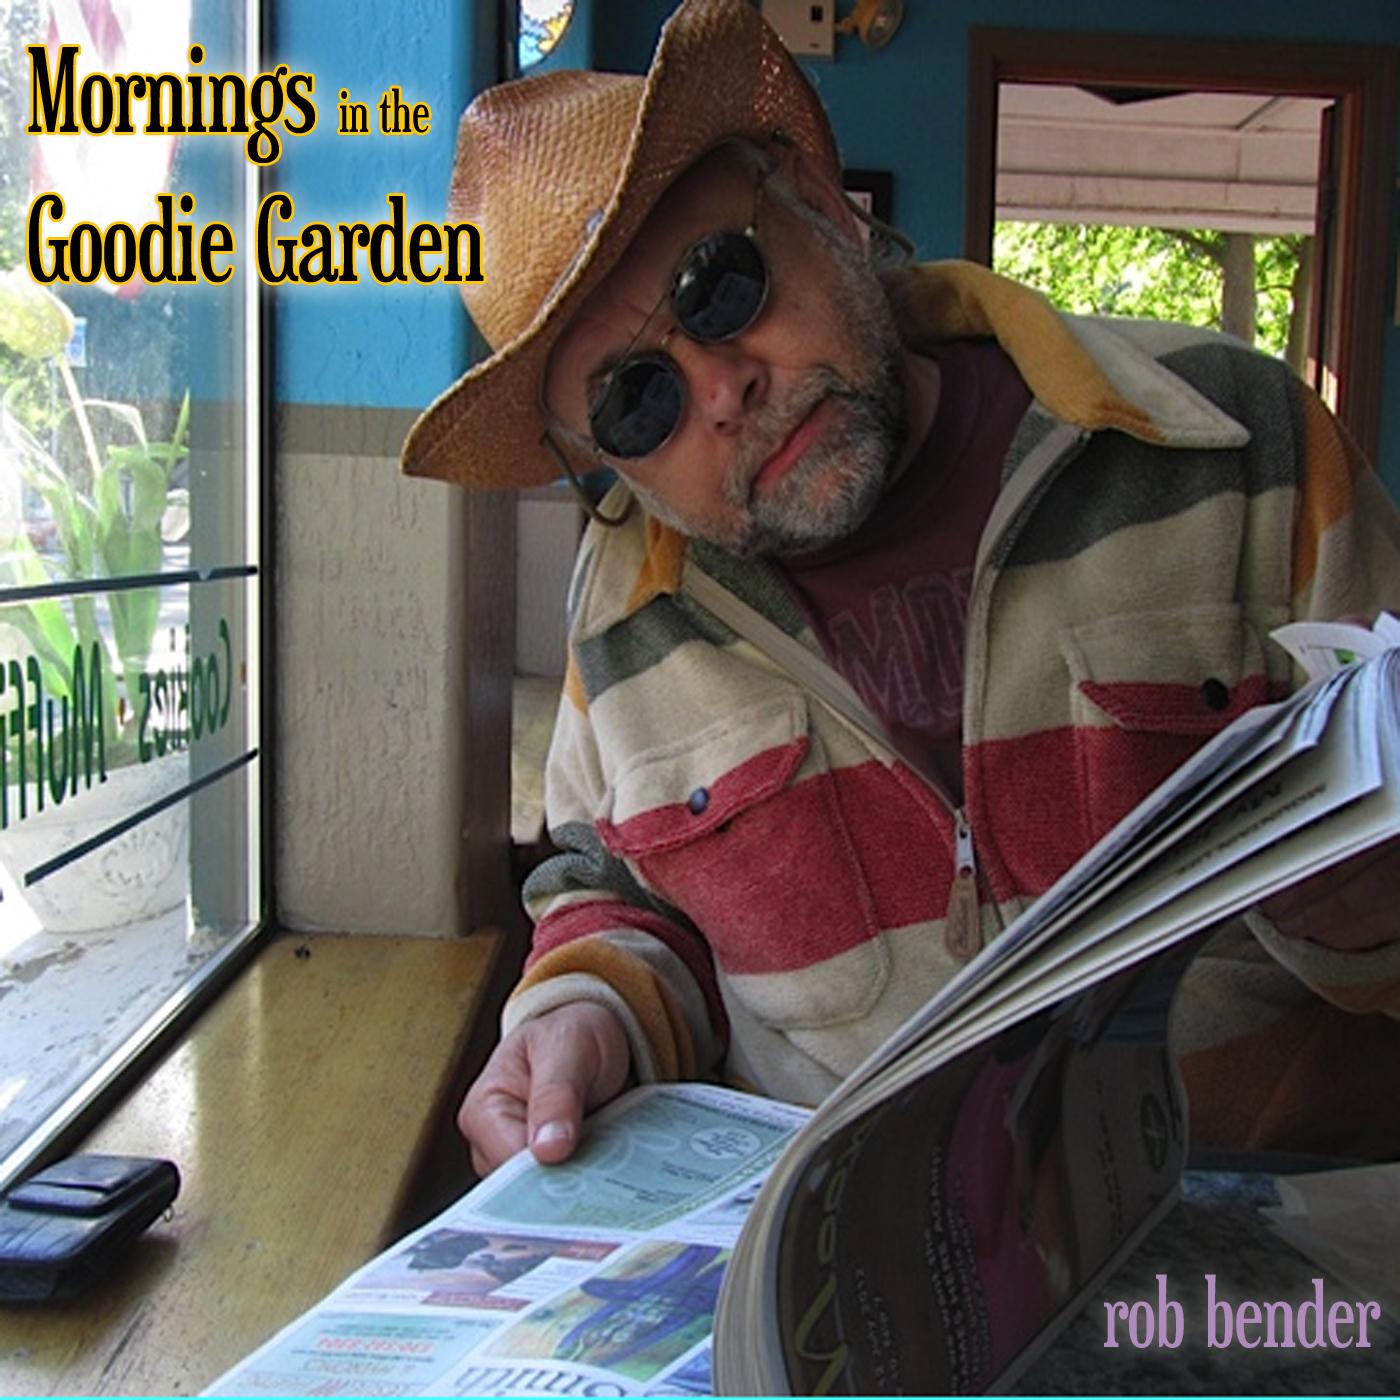 Mornings in GG06 3 copy.jpg